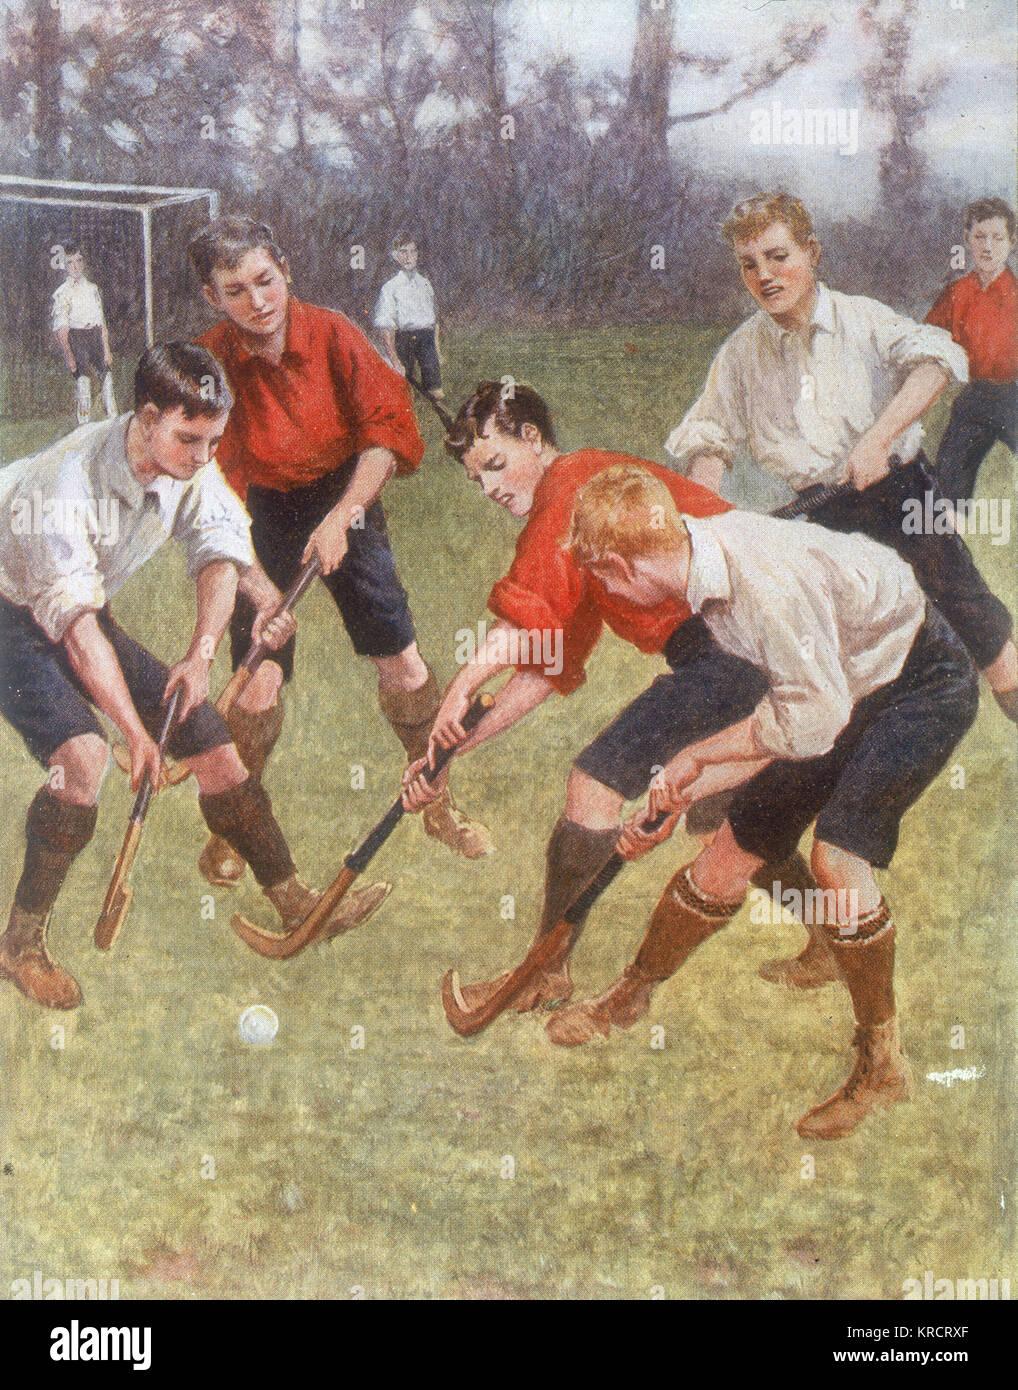 Un match de hockey des garçons Date: 1908 Photo Stock